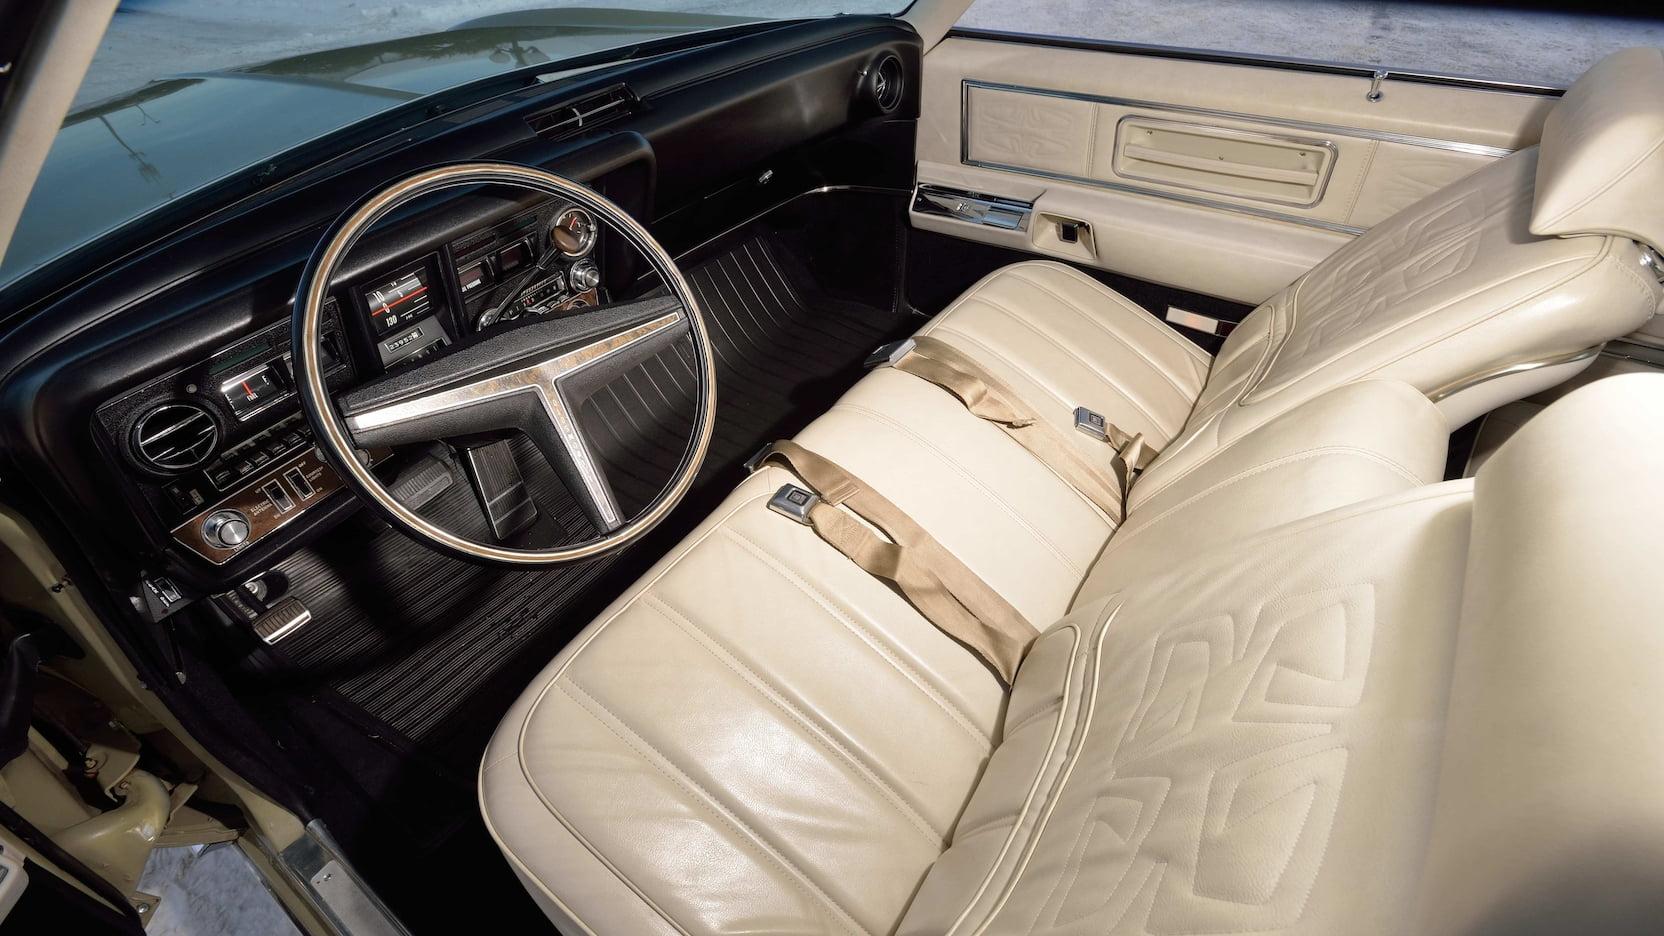 1969 Oldsmobile Toronado interior